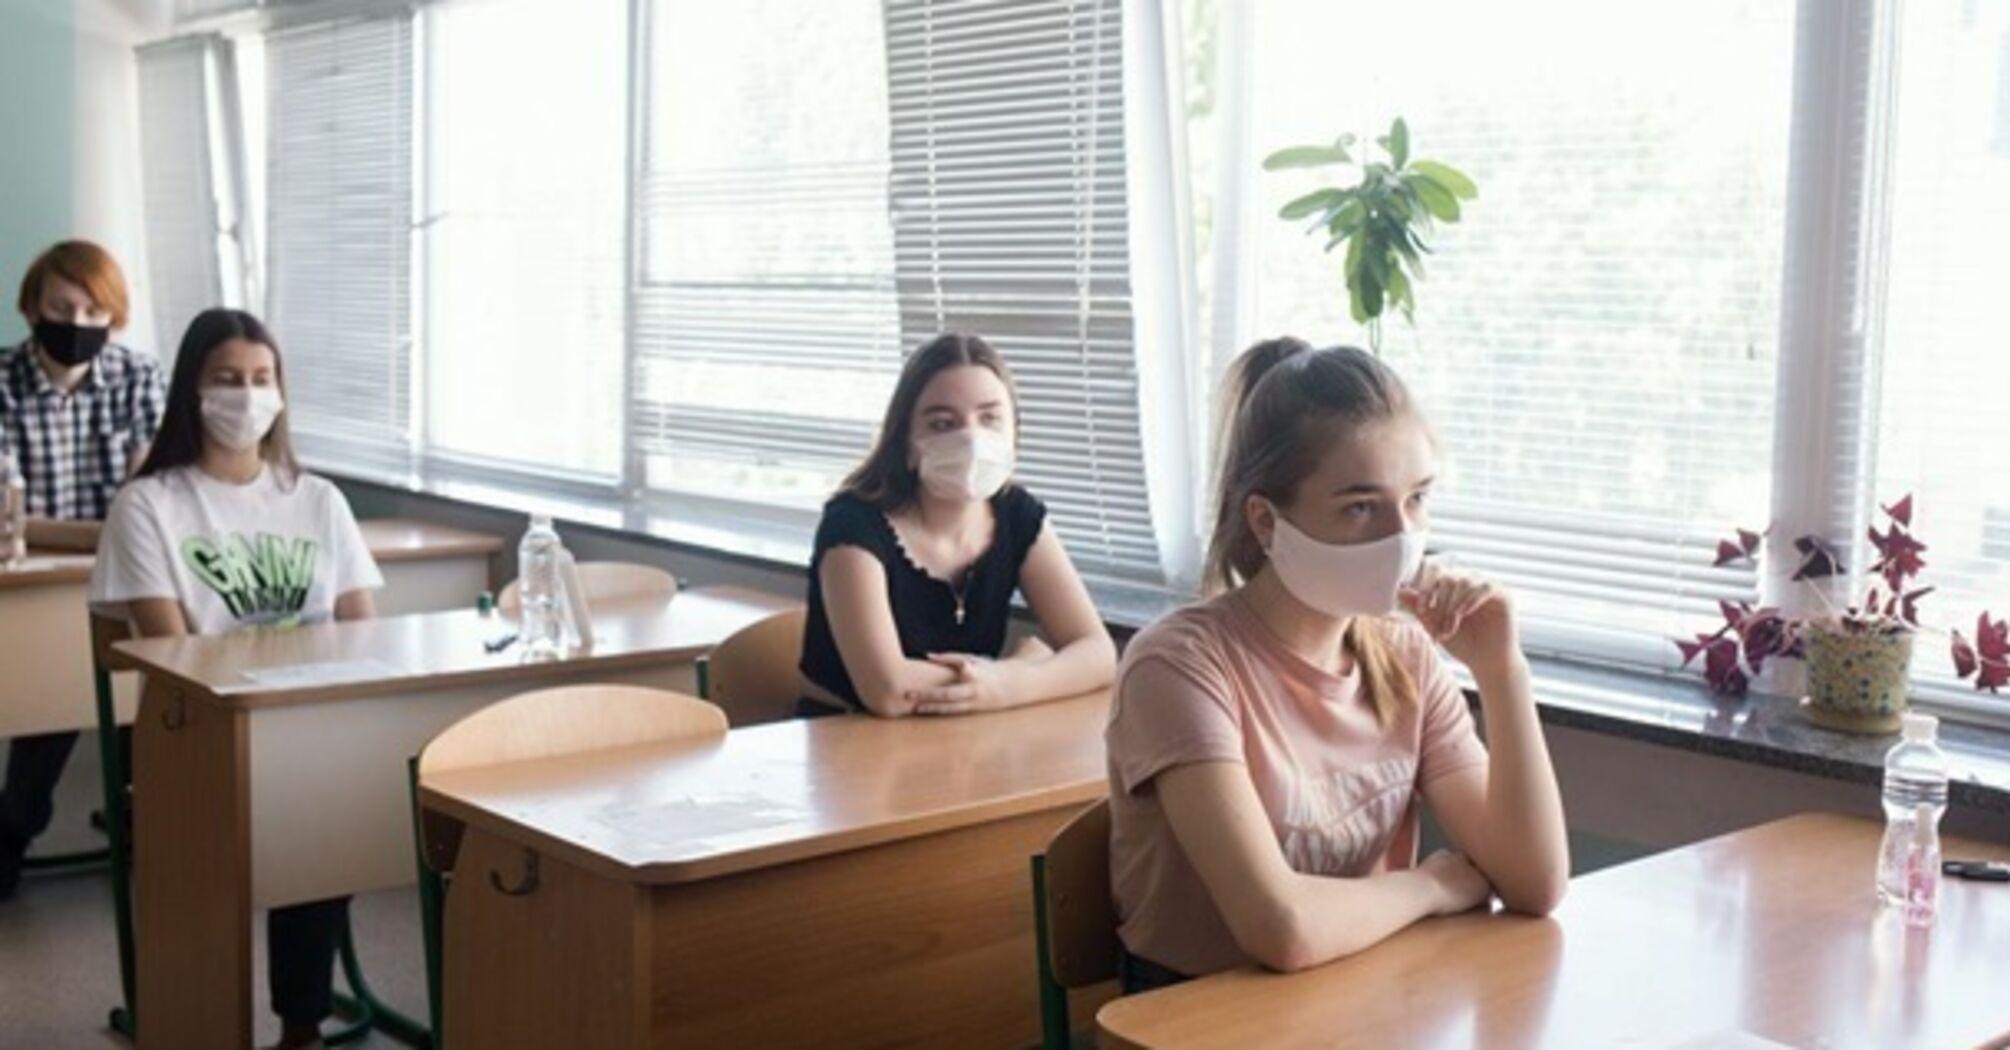 В Киеве закрыли часть школ и детсадов из-за коронавируса